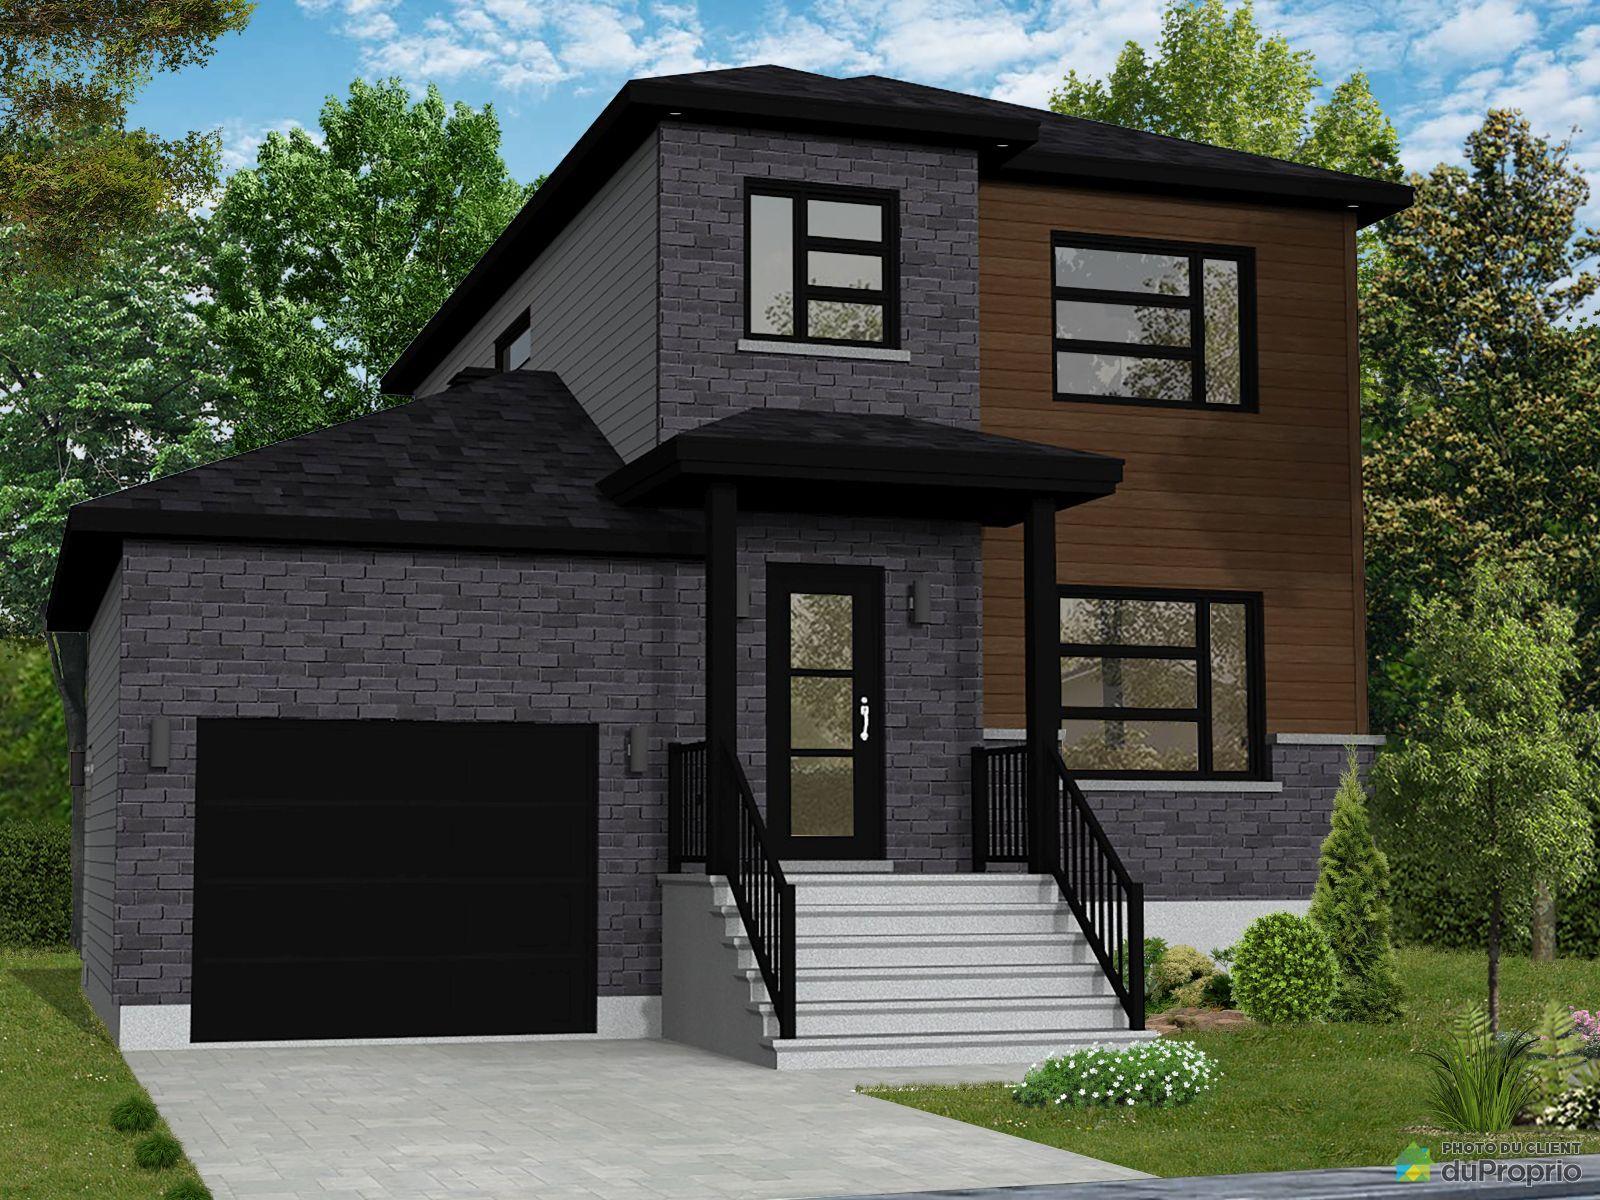 890, rue Vinet - Modèle Le Baylon - Par les Habitations RB, Salaberry-De-Valleyfield à vendre